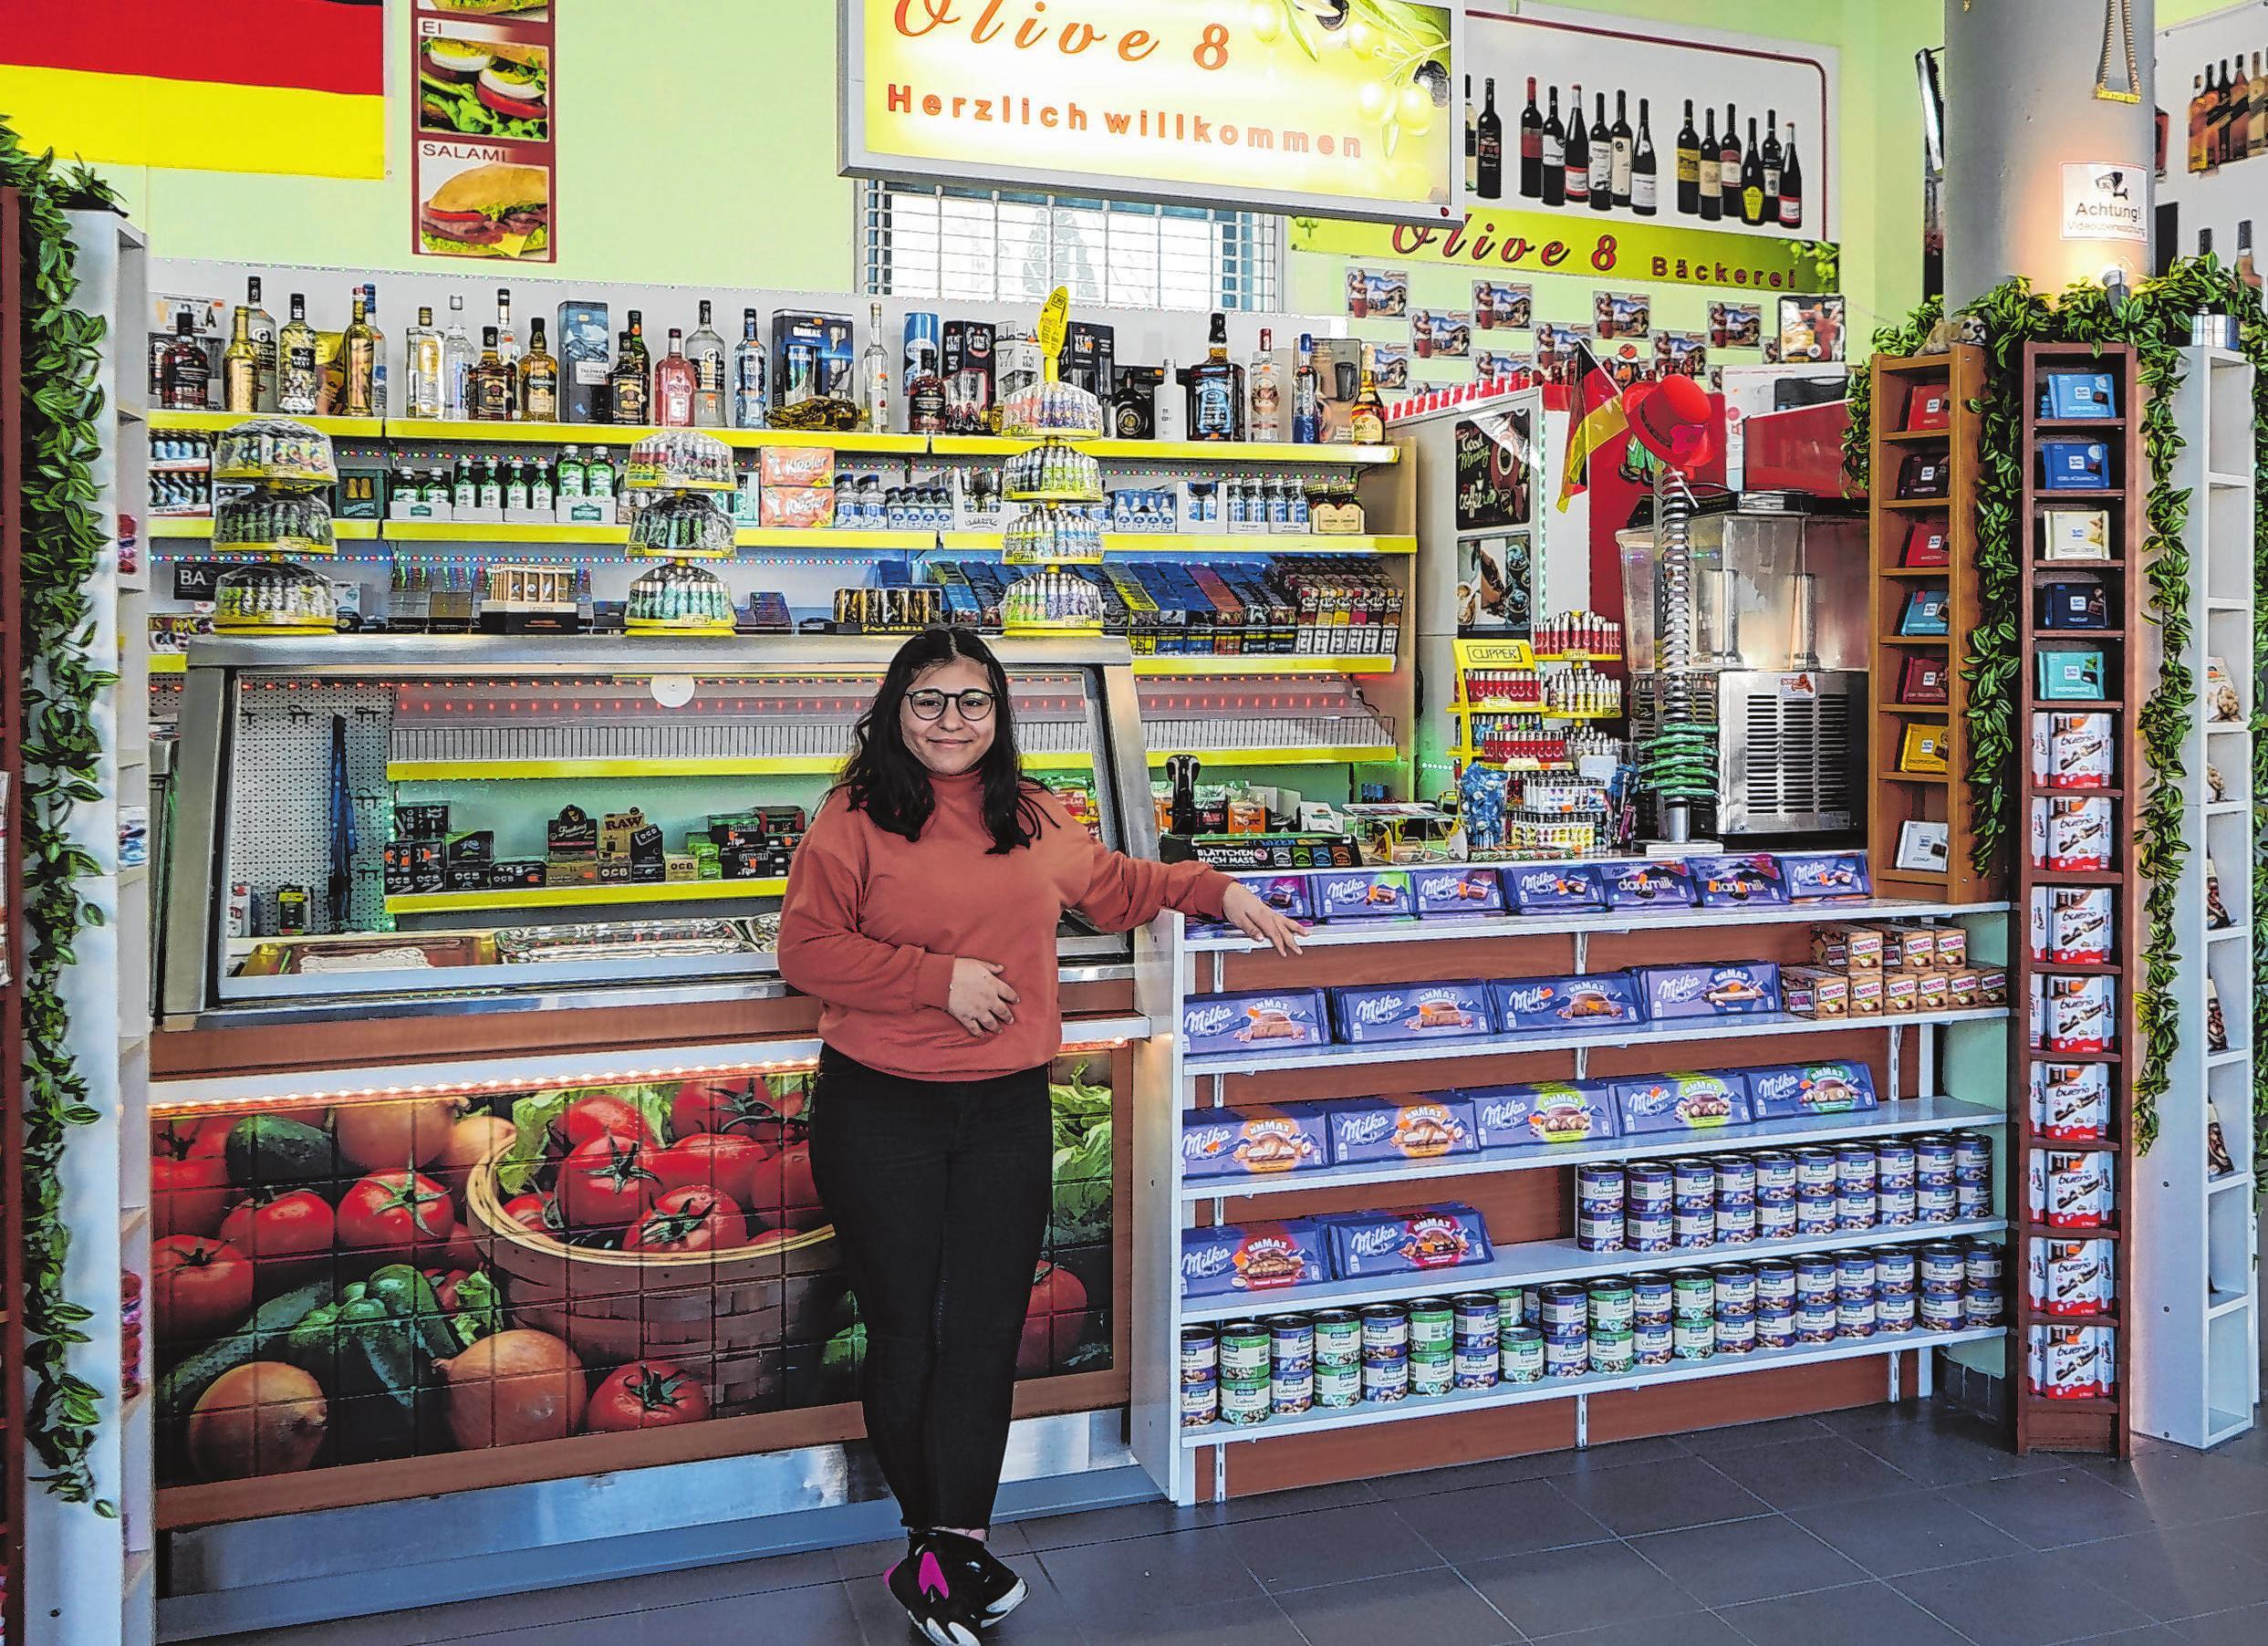 """Aylin Mutlu begrüßt im neueröffneten """"Olive 8"""" am Dresdener Platz die Kunden. Fotos (2): Andrea Steinert"""